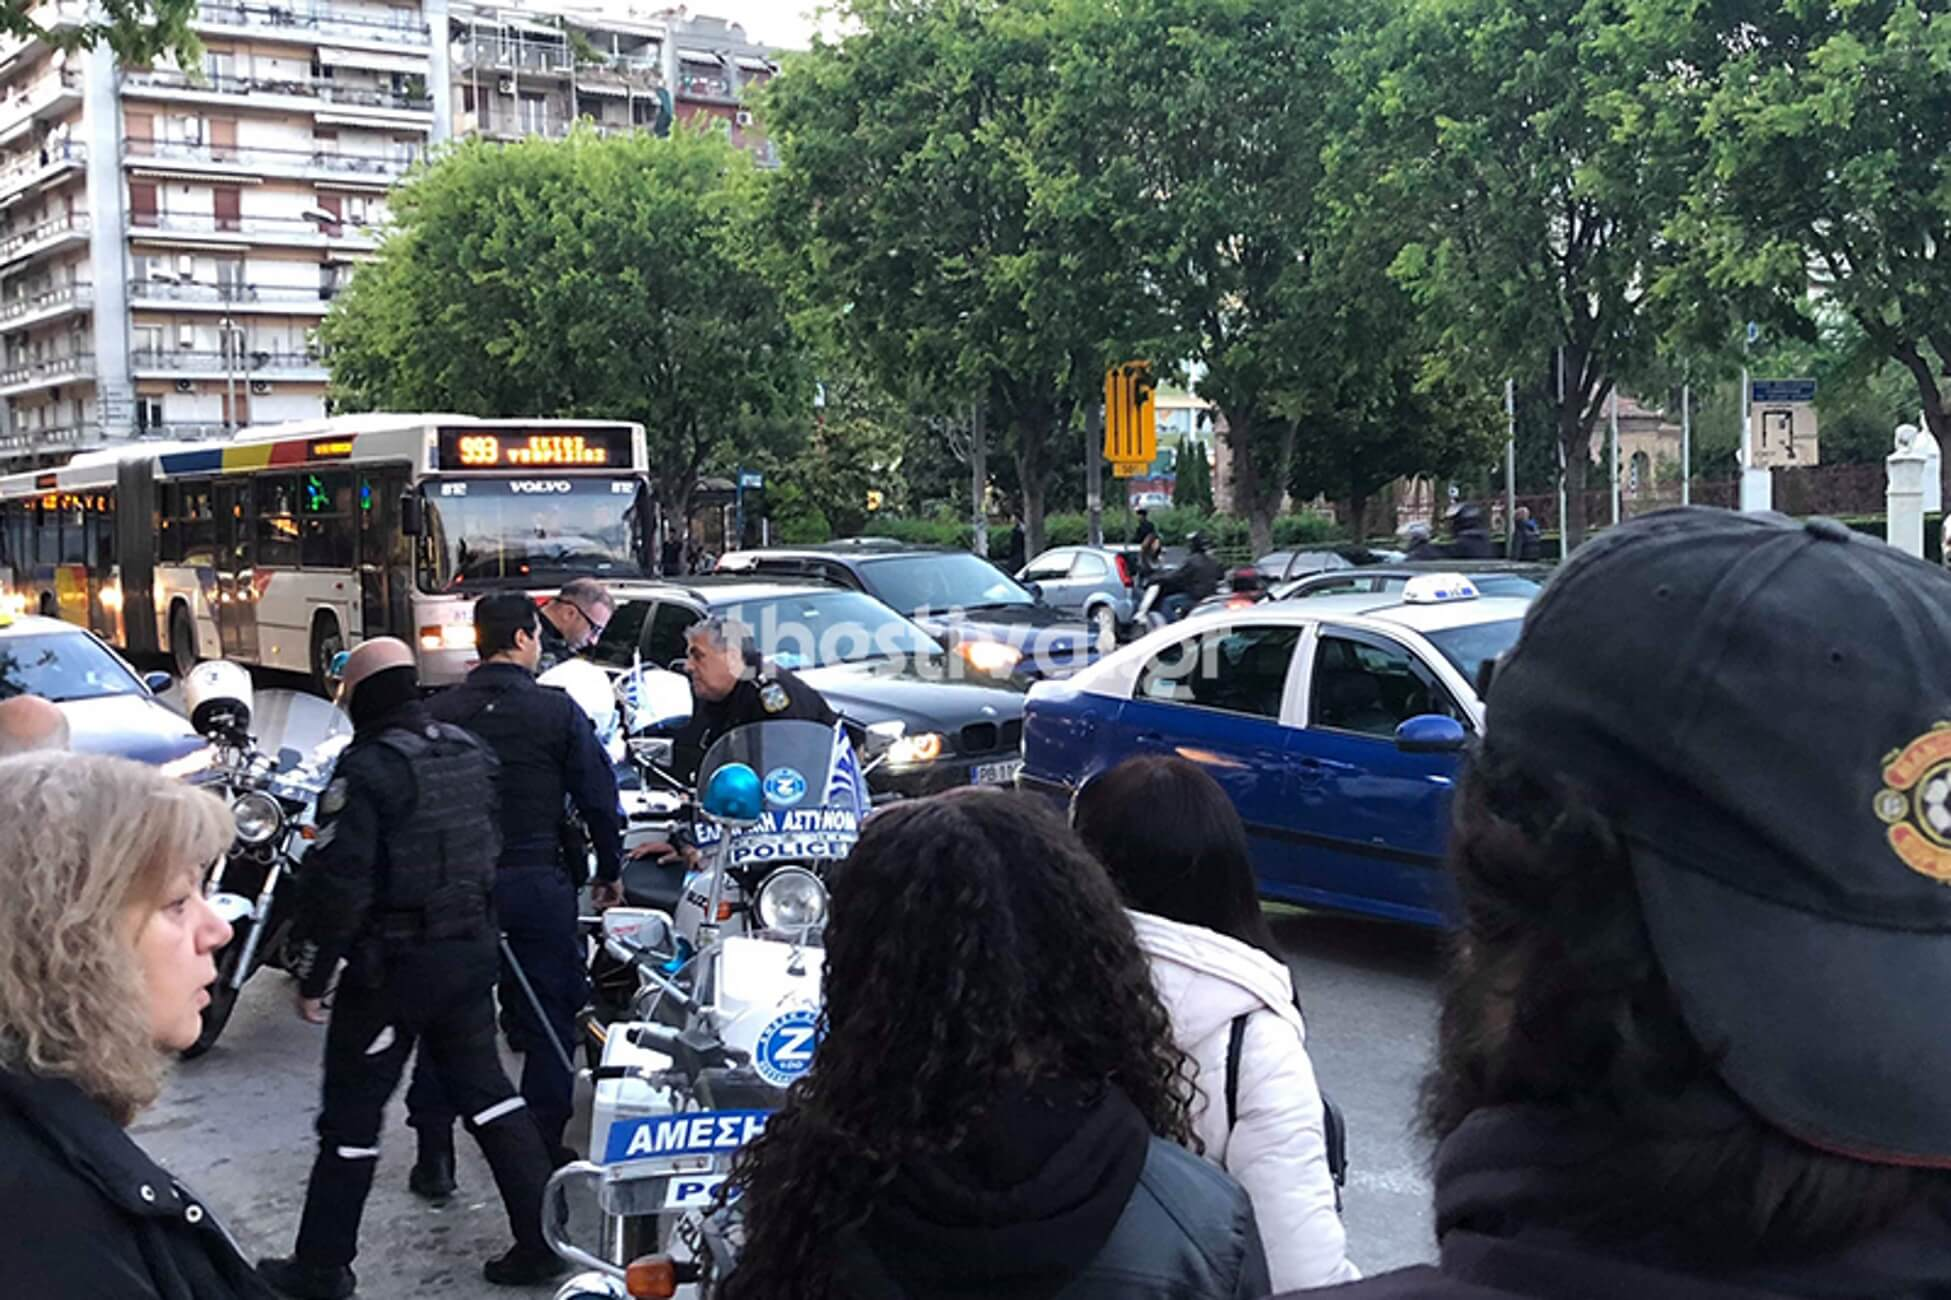 Θεσσαλονίκη: Πέταξε τη γυναίκα του από το αυτοκίνητο μπροστά στα παιδιά τους [pics]